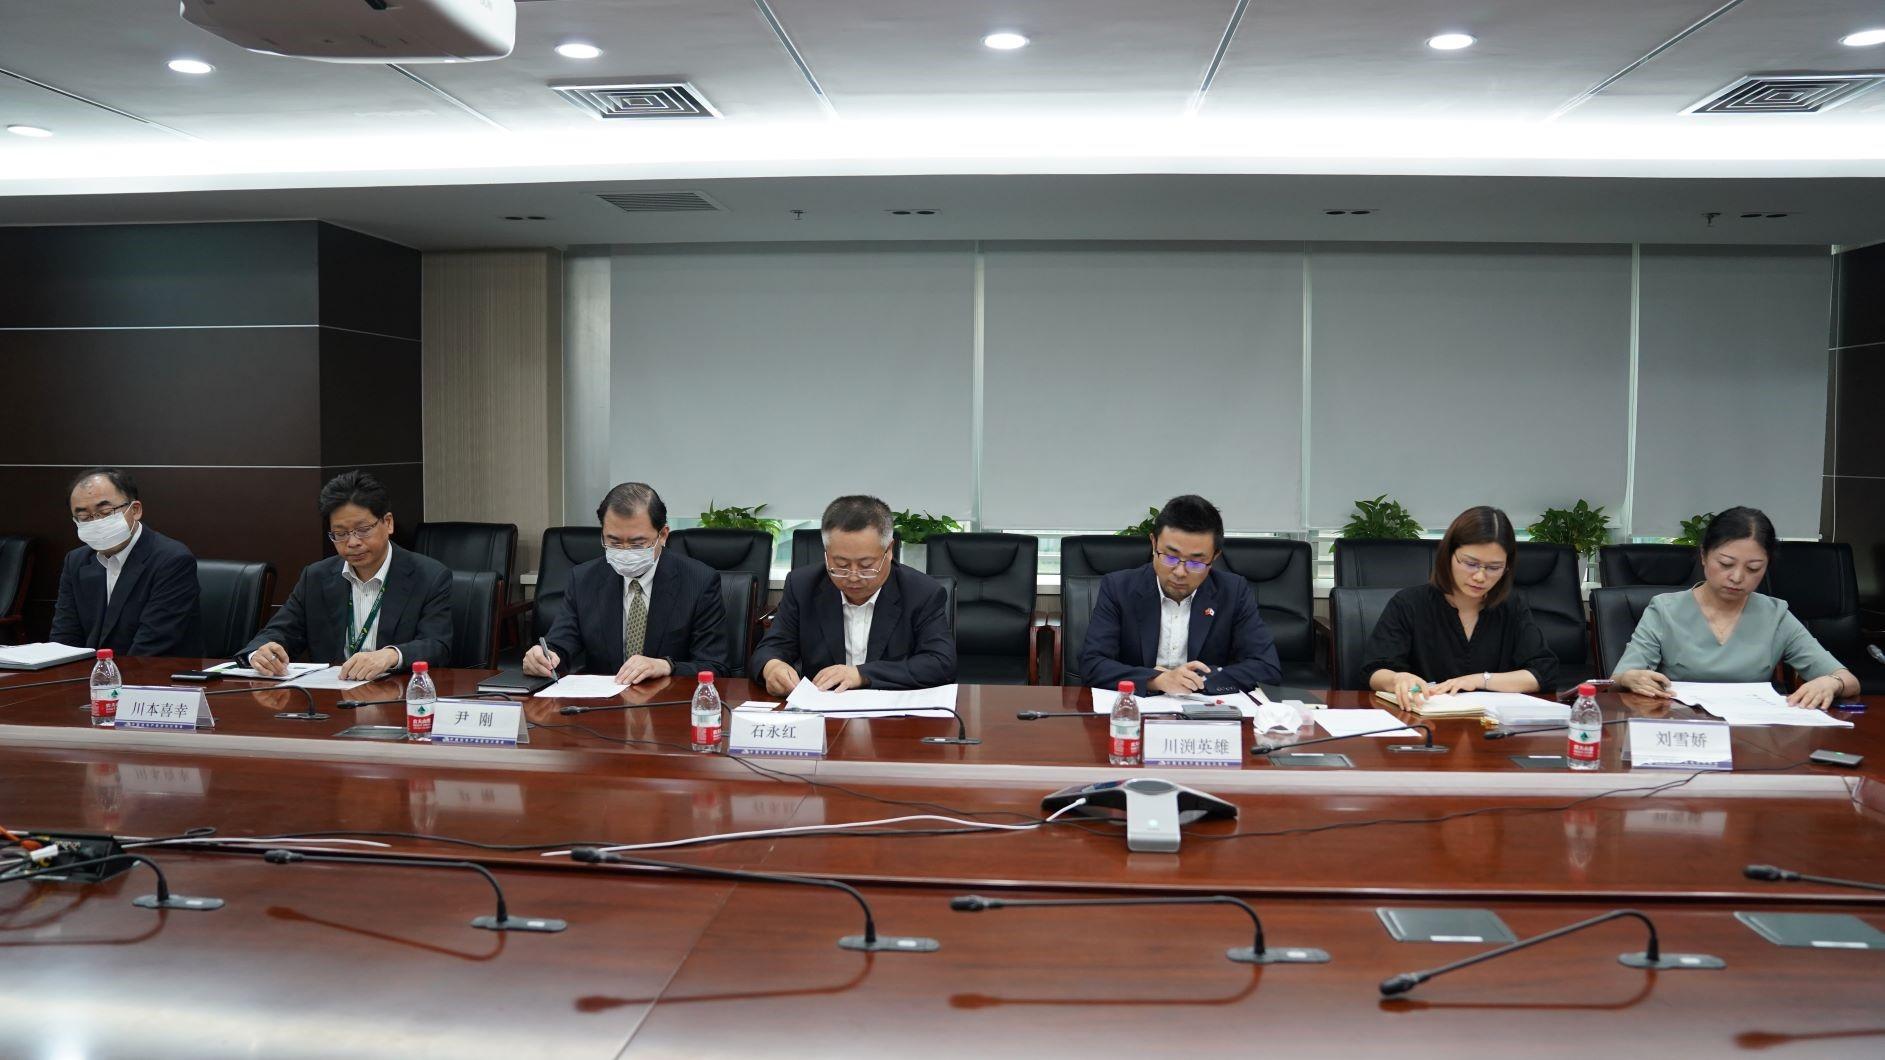 期货配资商会举办中日金融机构支持企业开发 第三方市场线上交流会